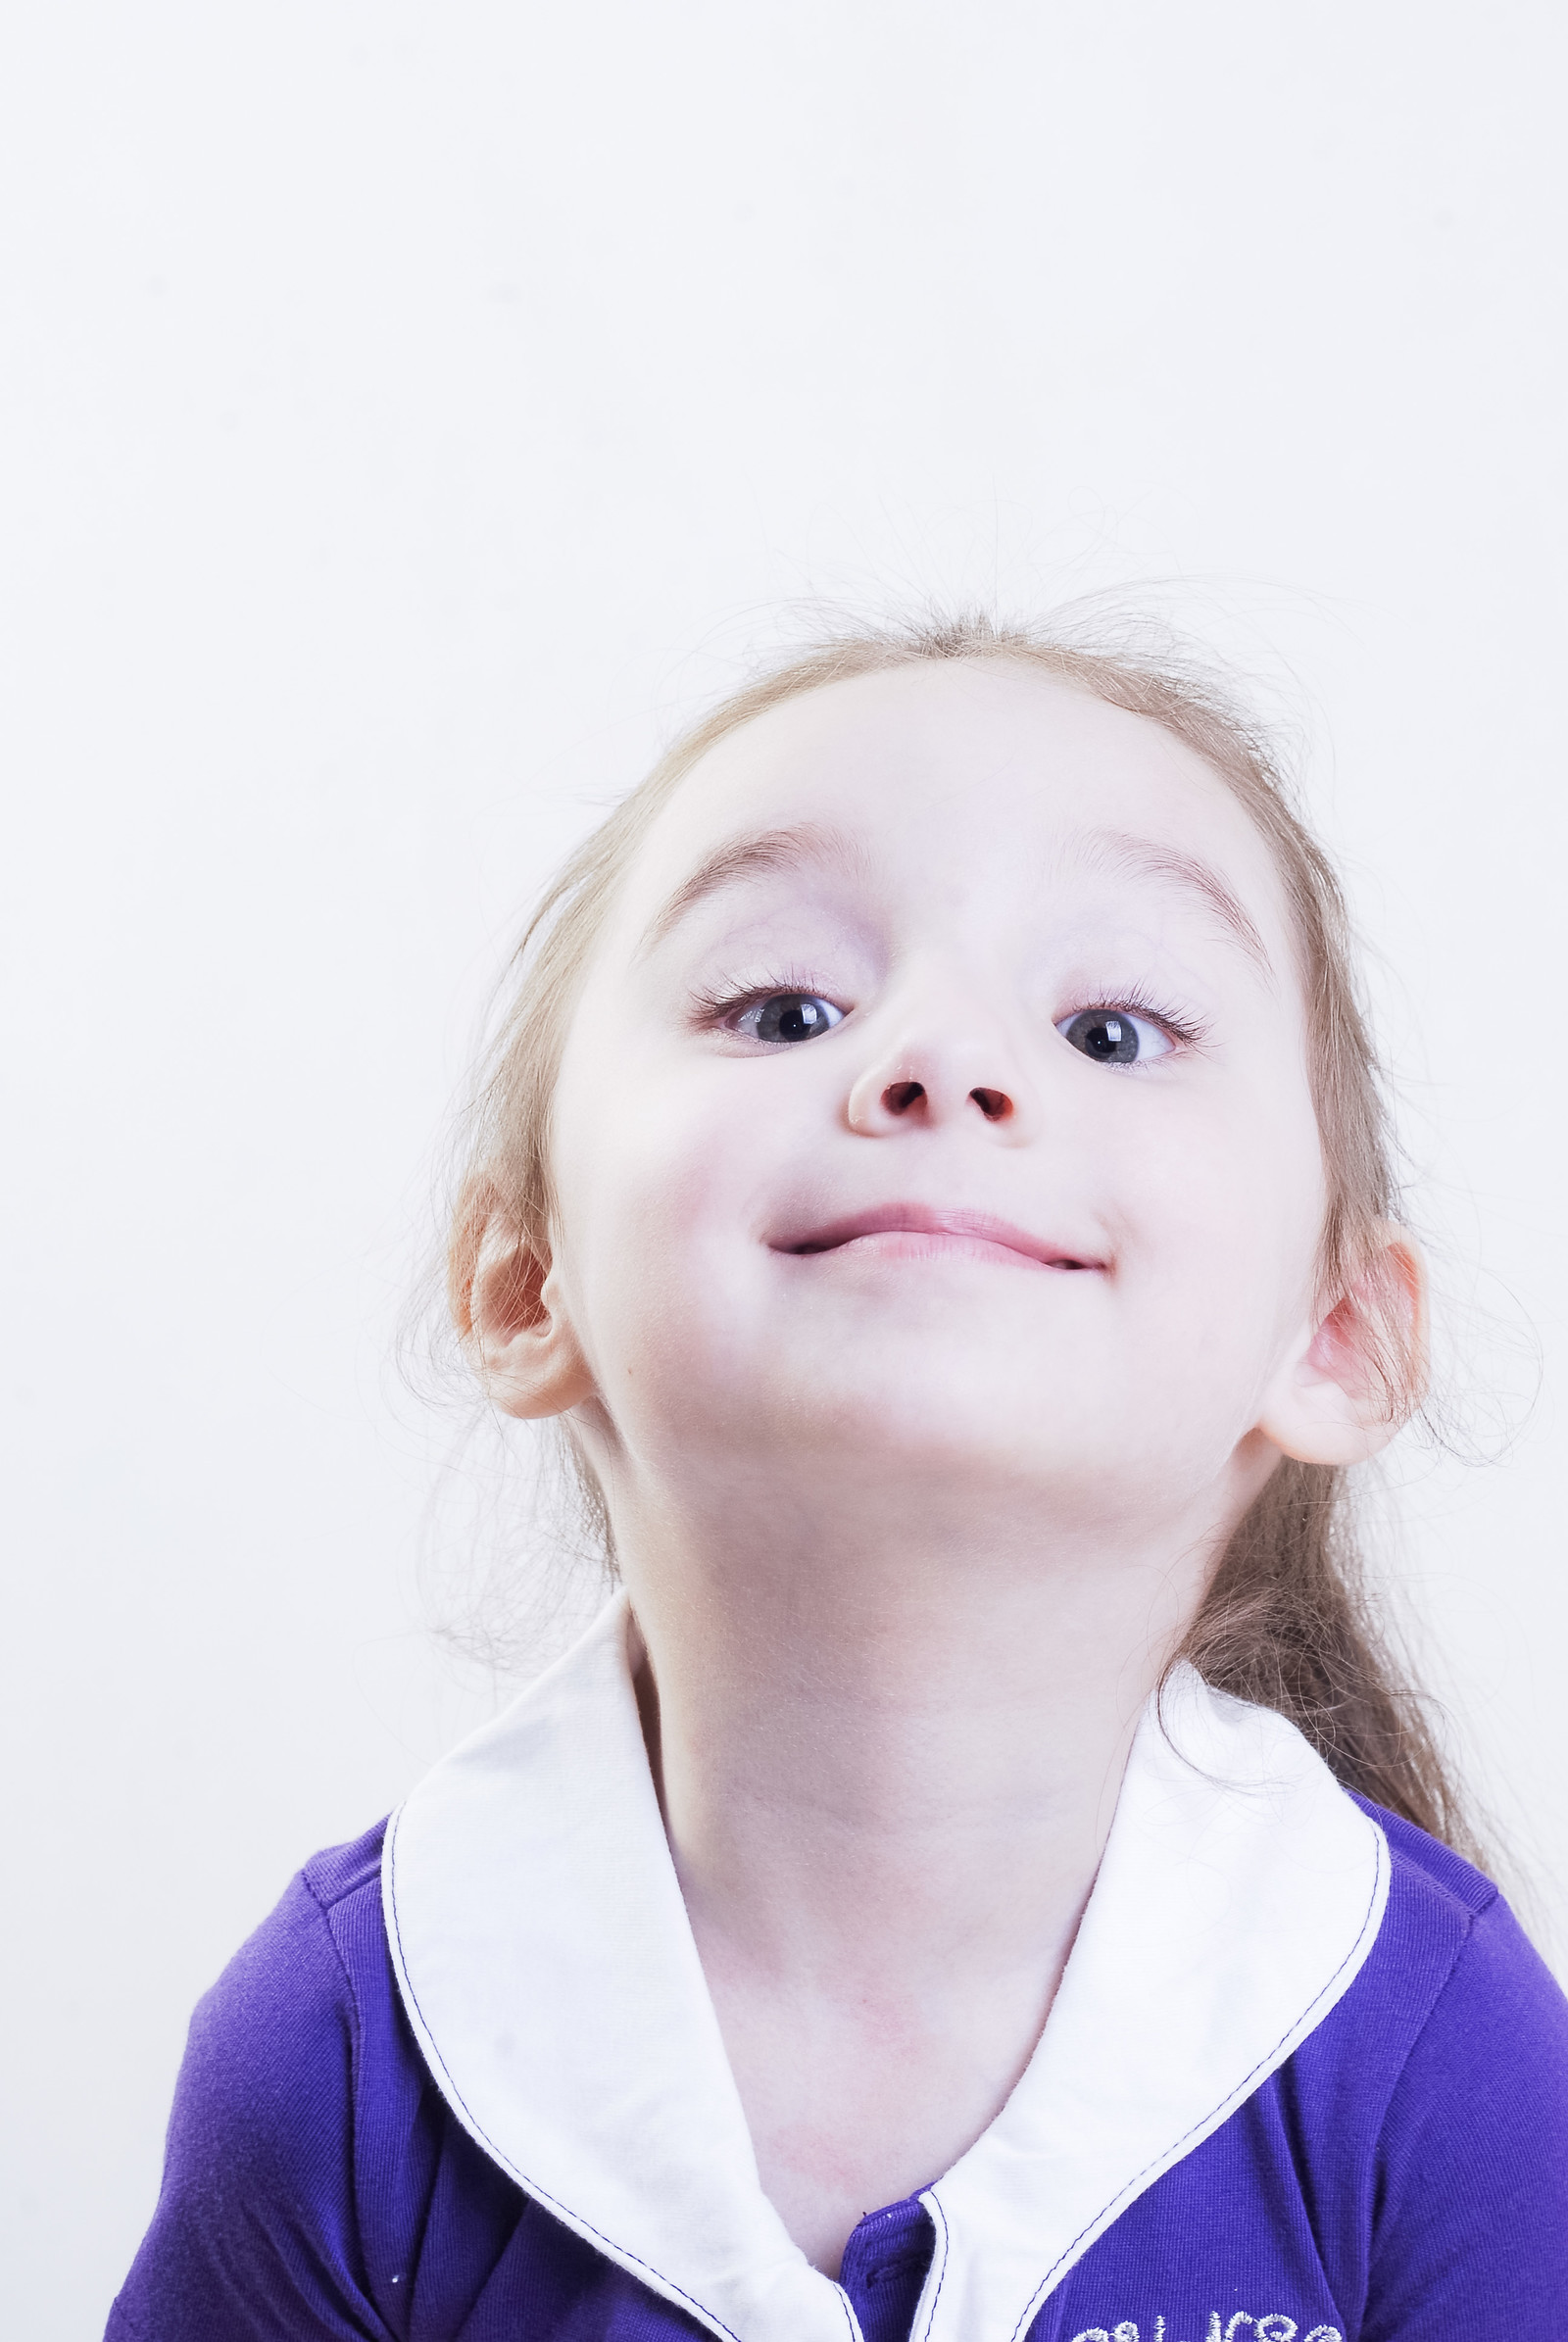 子供が斜視かも?3歳児健診で指摘され初受診したときのこと